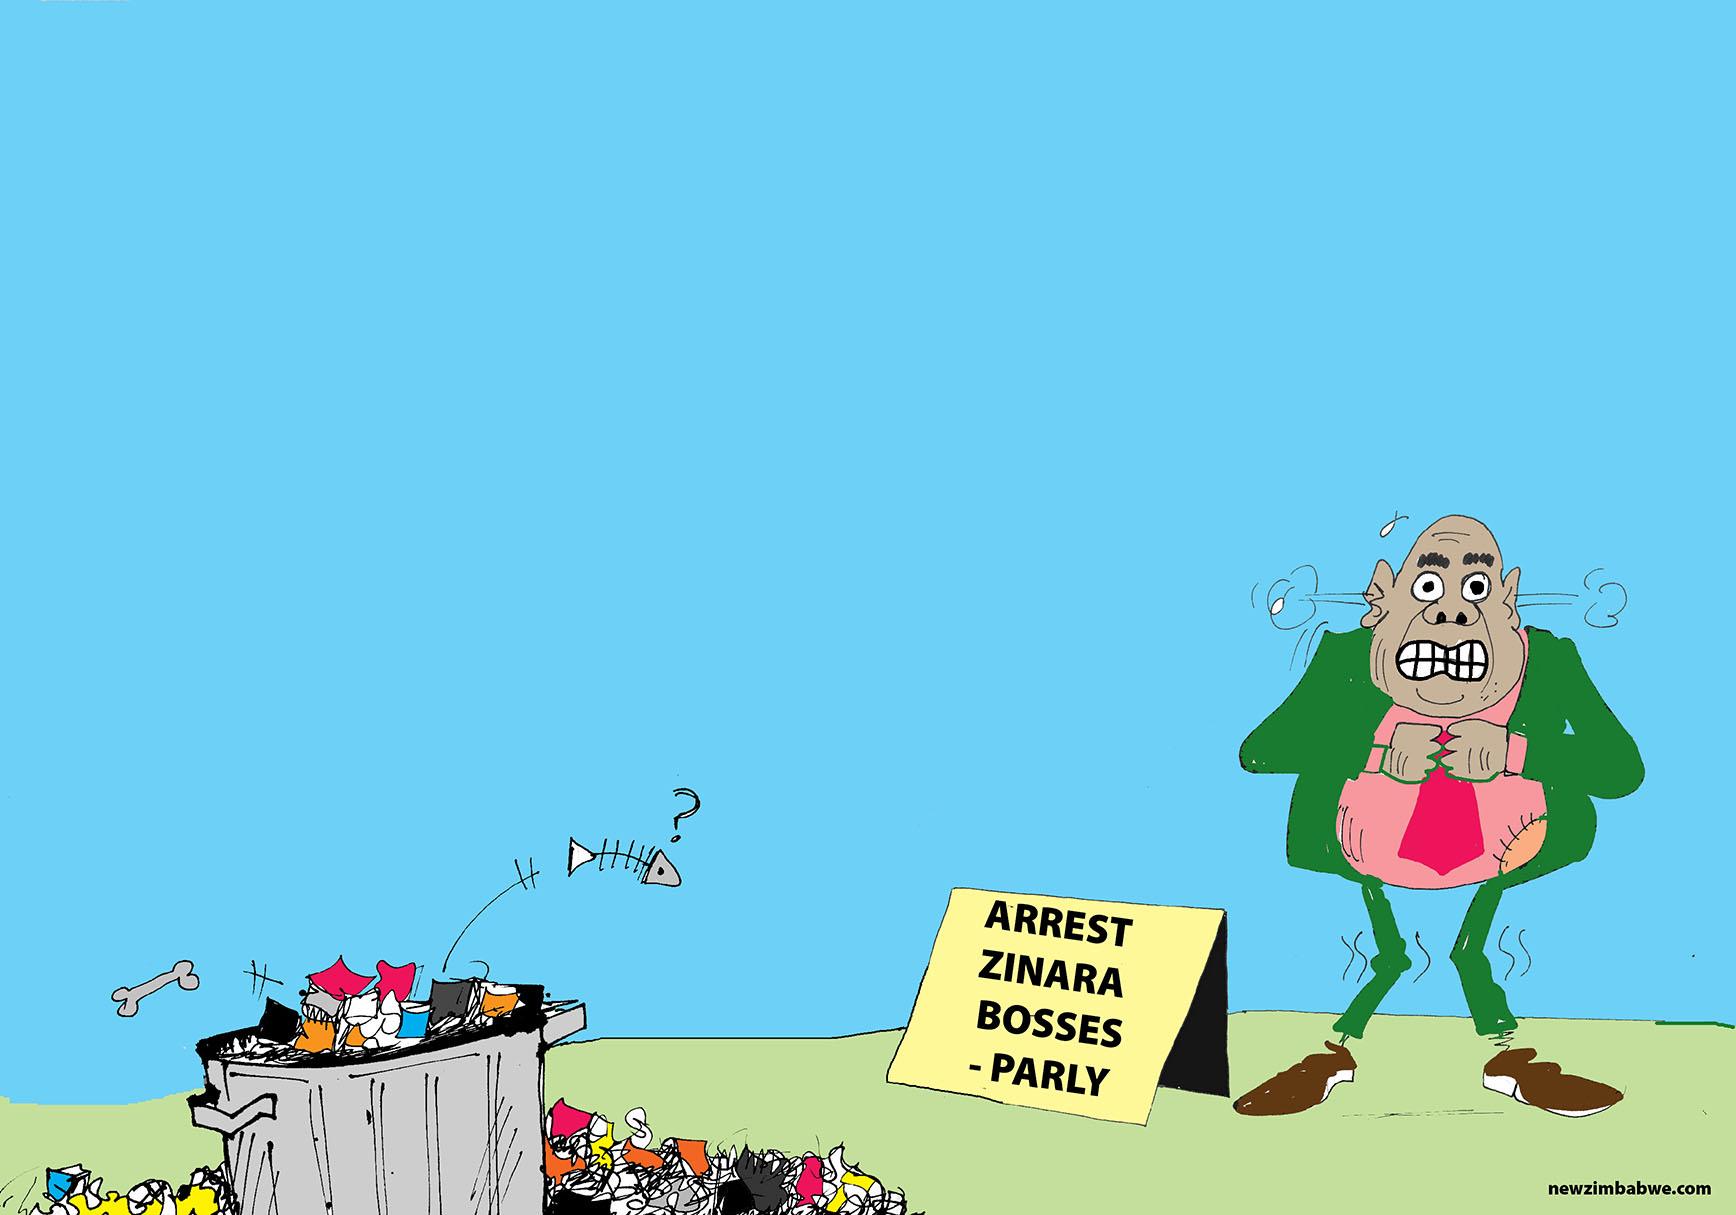 Arrest ZINARA bosses